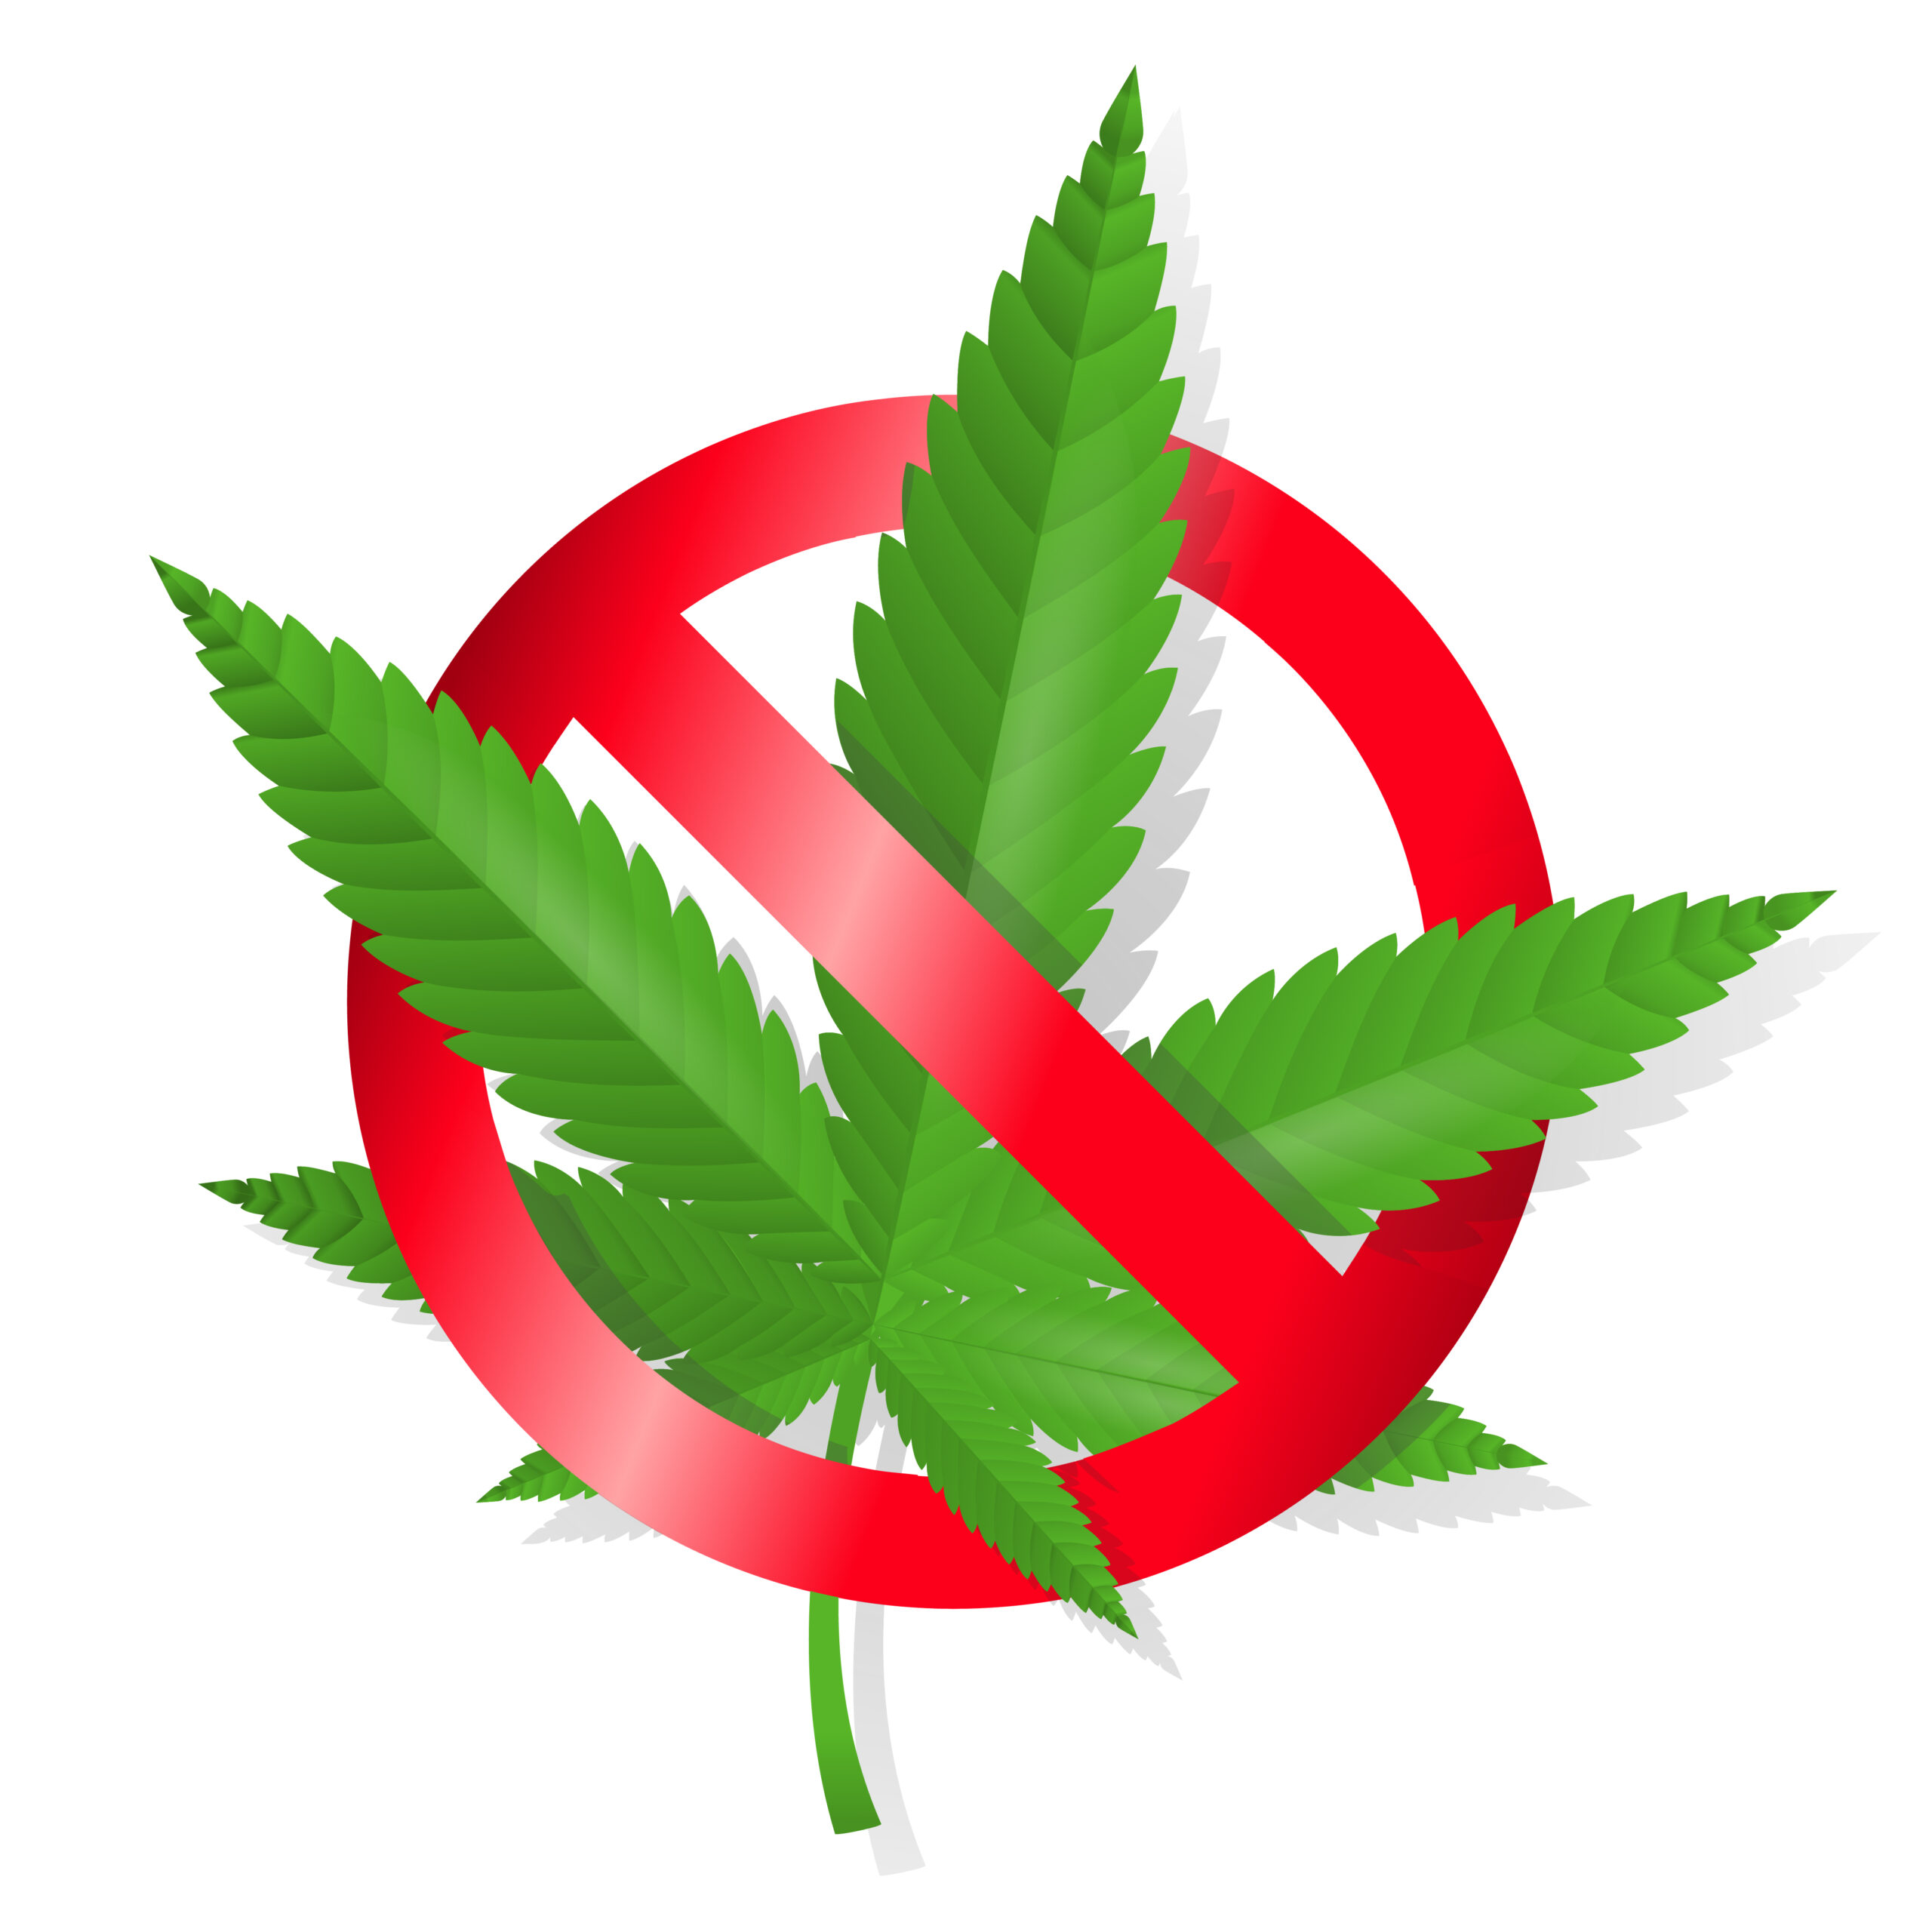 Controindicazioni della marijuana sintetica